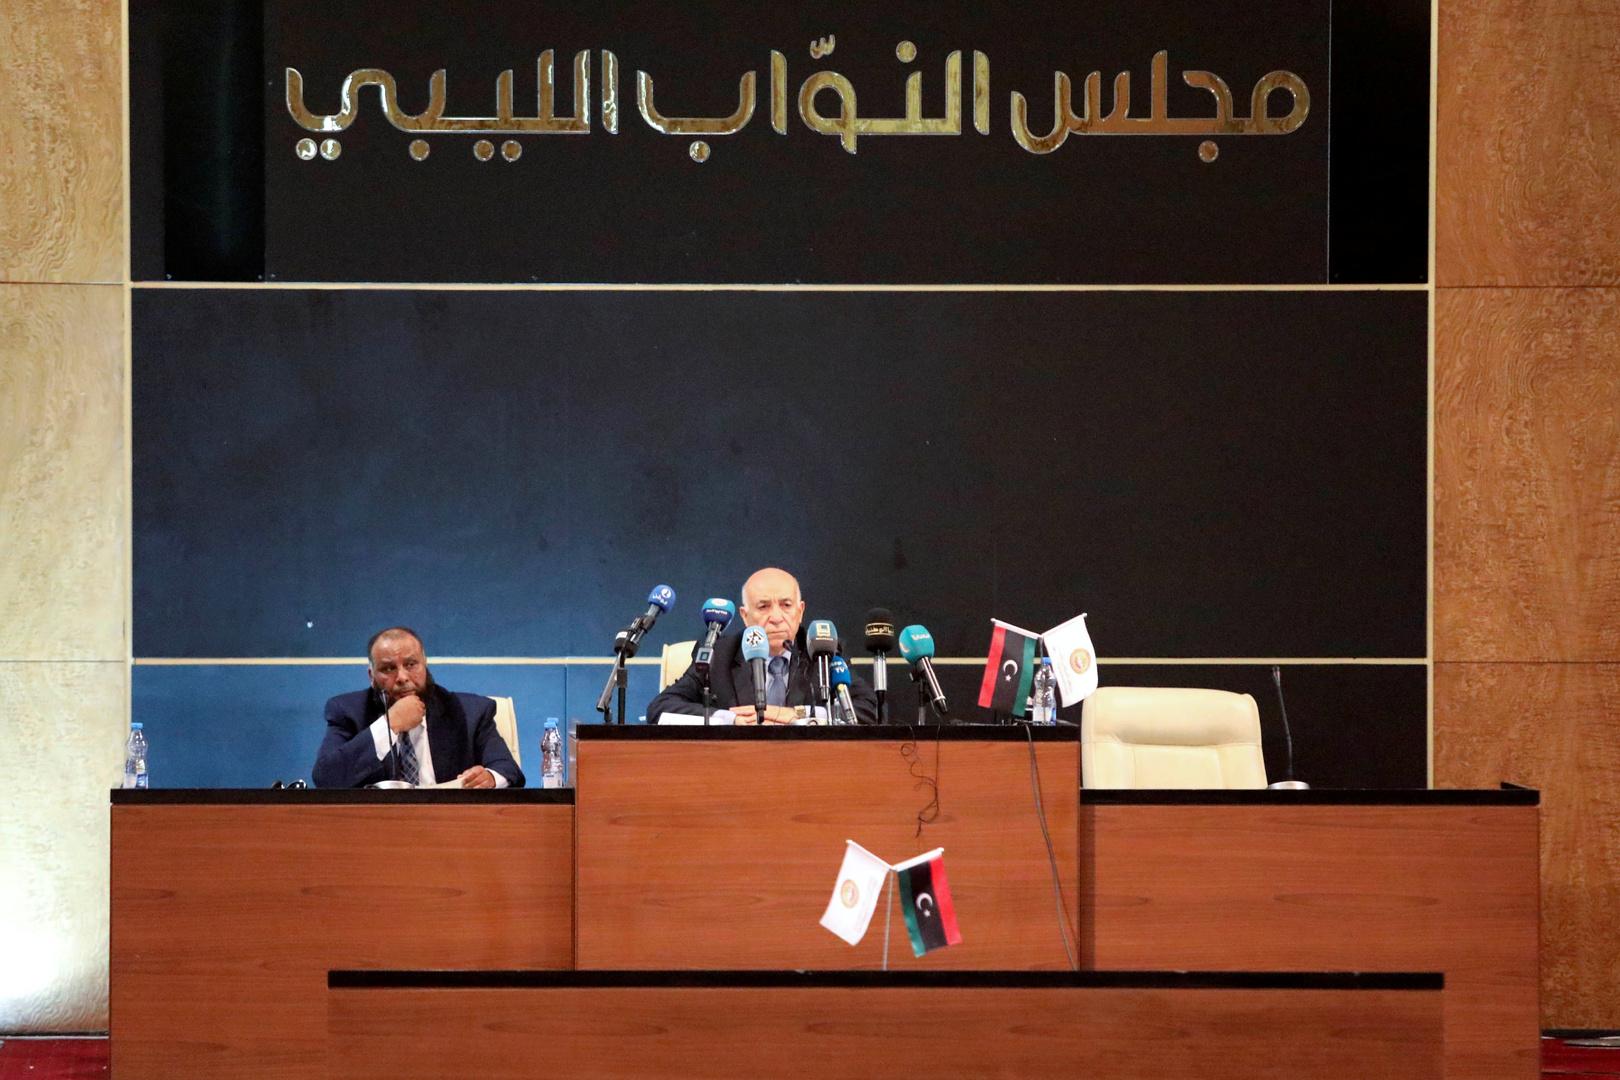 بعد مصر.. رئيس البرلمان الليبي يدعو دولة عربية أخرى لصد تركيا